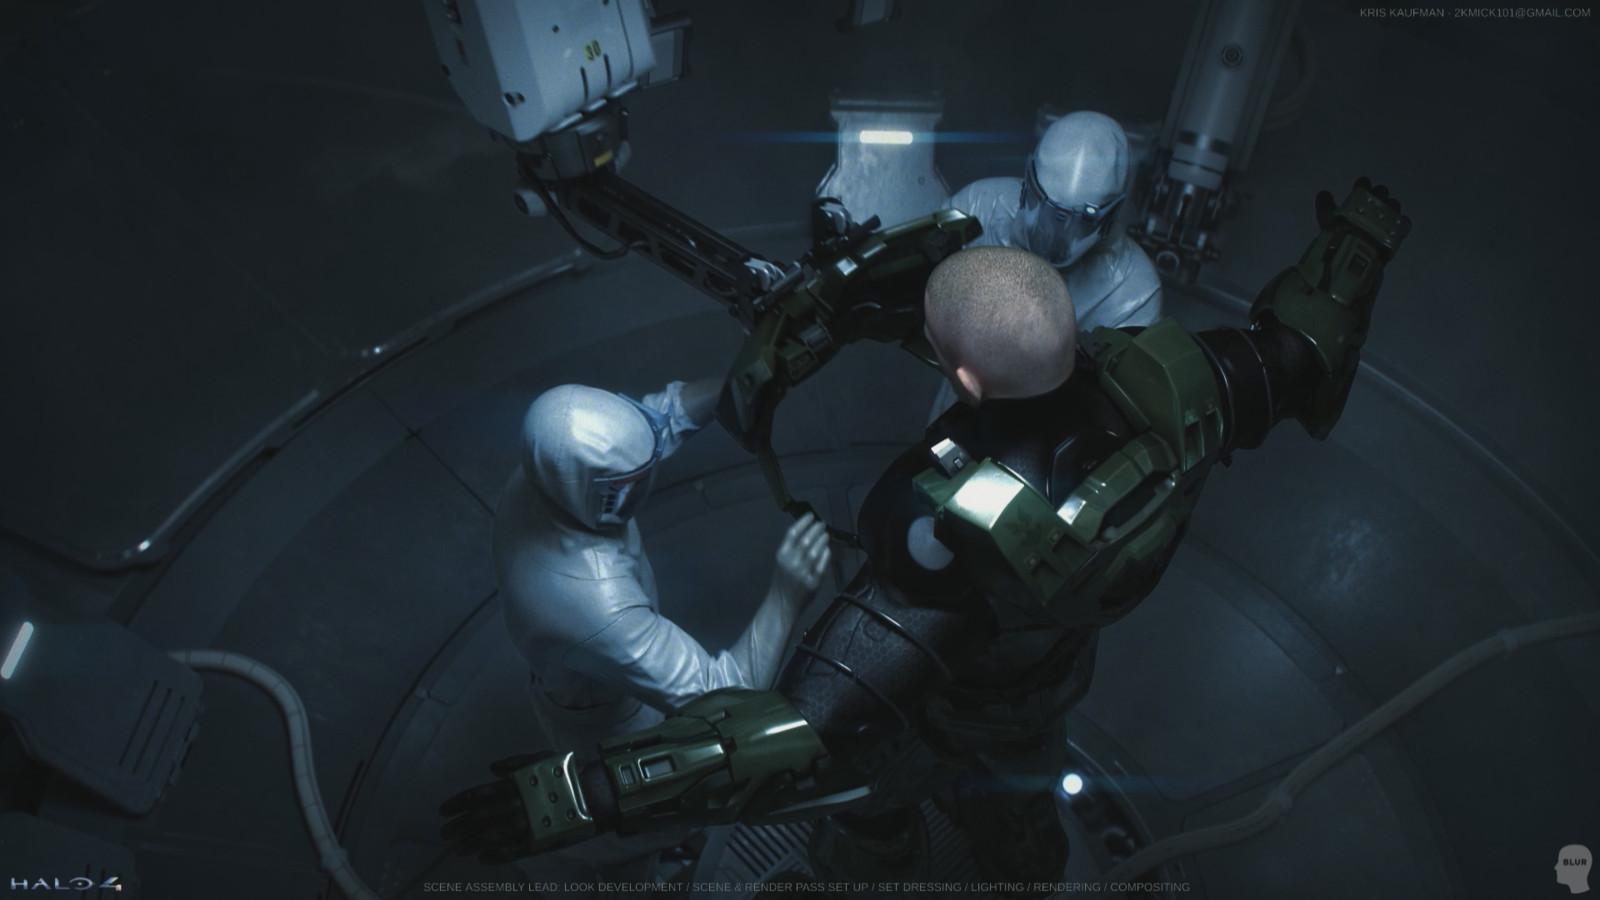 Halo 4: Look Development / Lighting / Rendering / Compositing